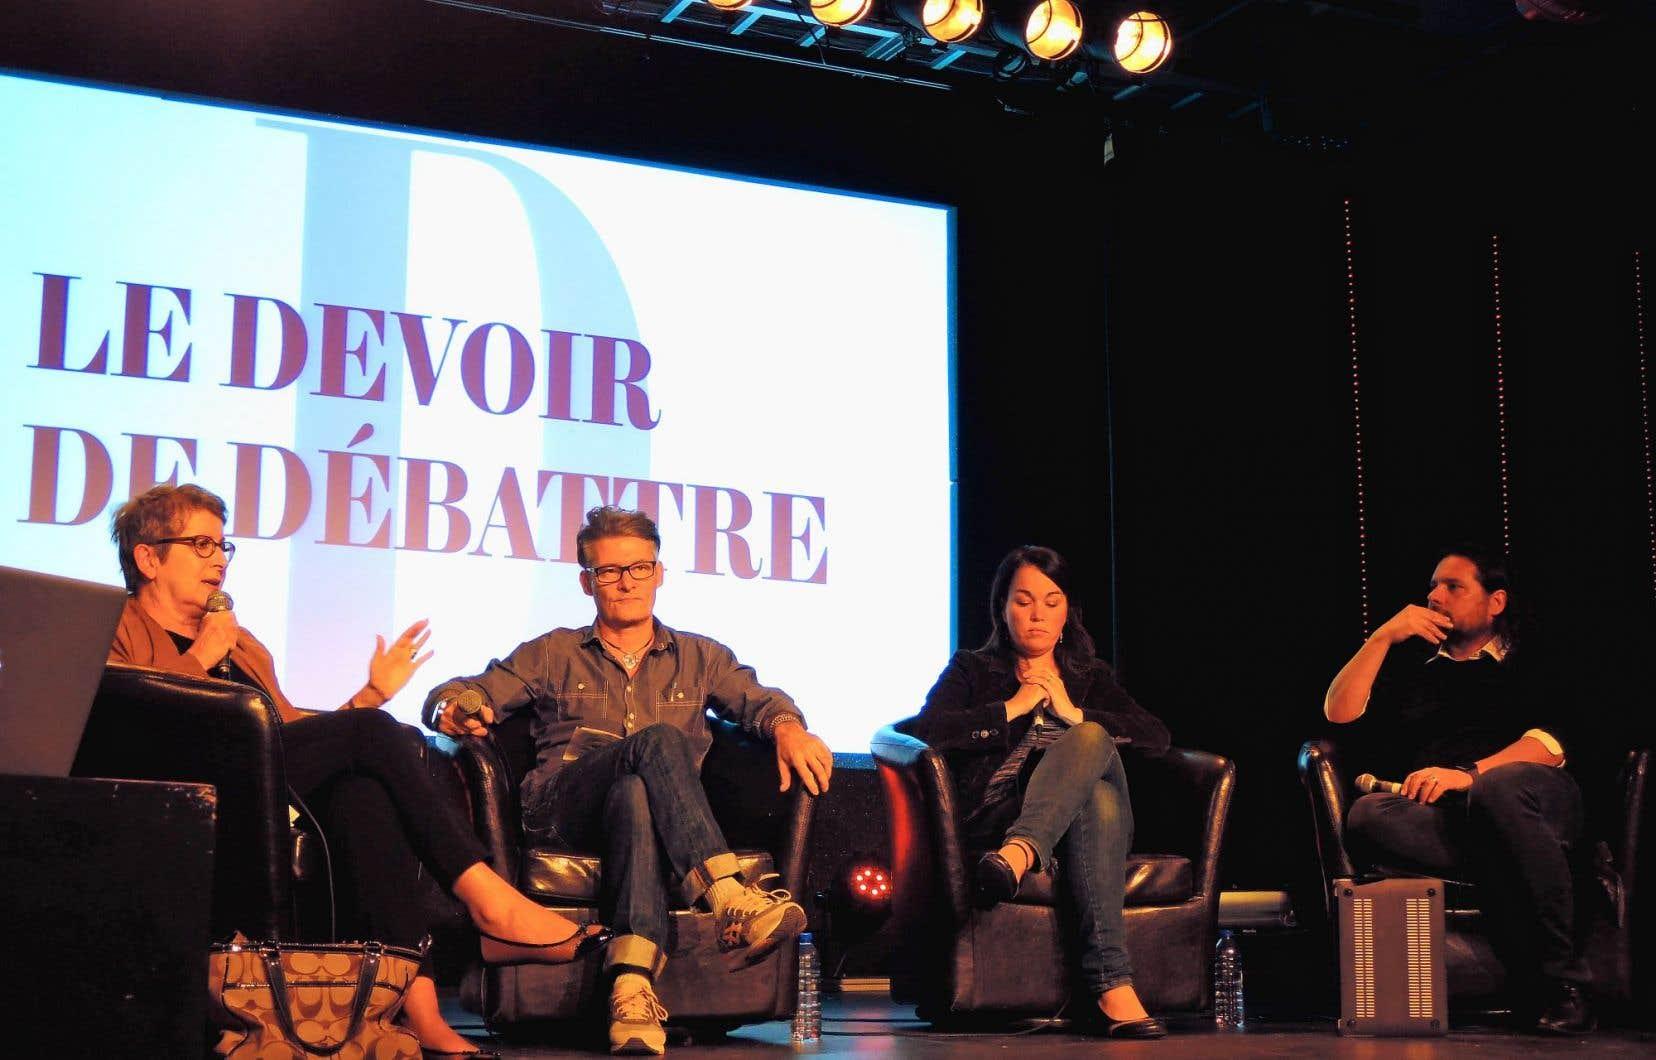 Les invités du Devoir de débattre qui se tenait à la SAT mardi soir, de gauche à droite: Lise Bissonnette, Réjean Bergeron, Marie-Claude Gauthier et Sylvain Carle.